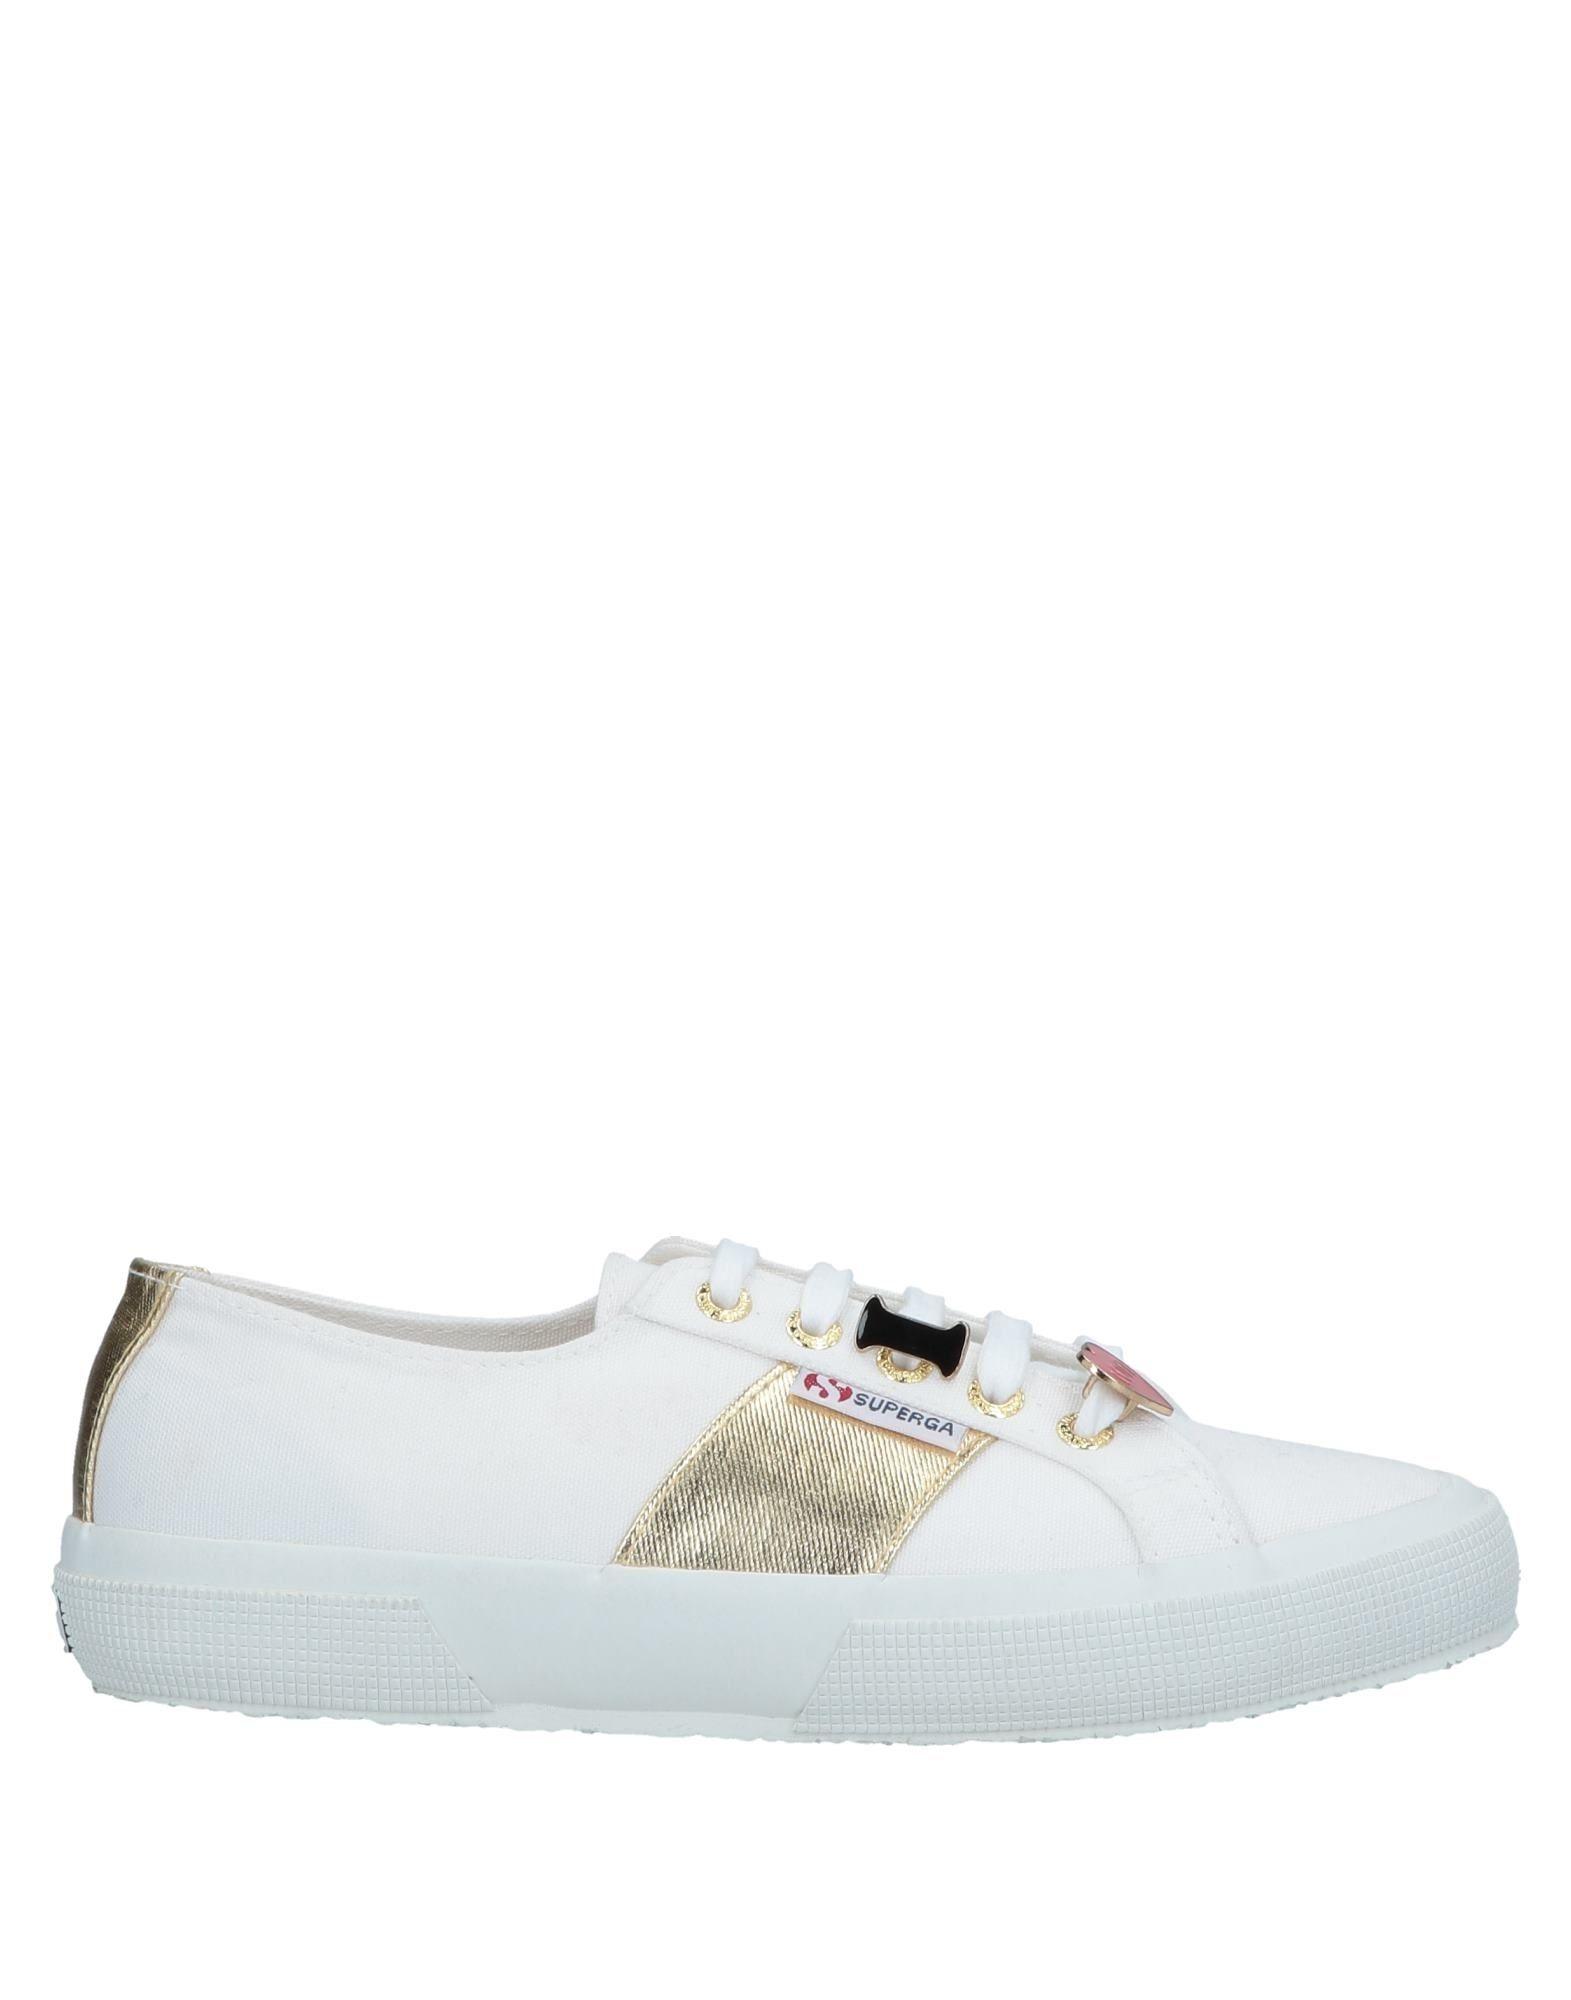 Blanco Zapatillas Superga Mujer - Zapatillas Superga modelo más más más vendido de la marca 824040